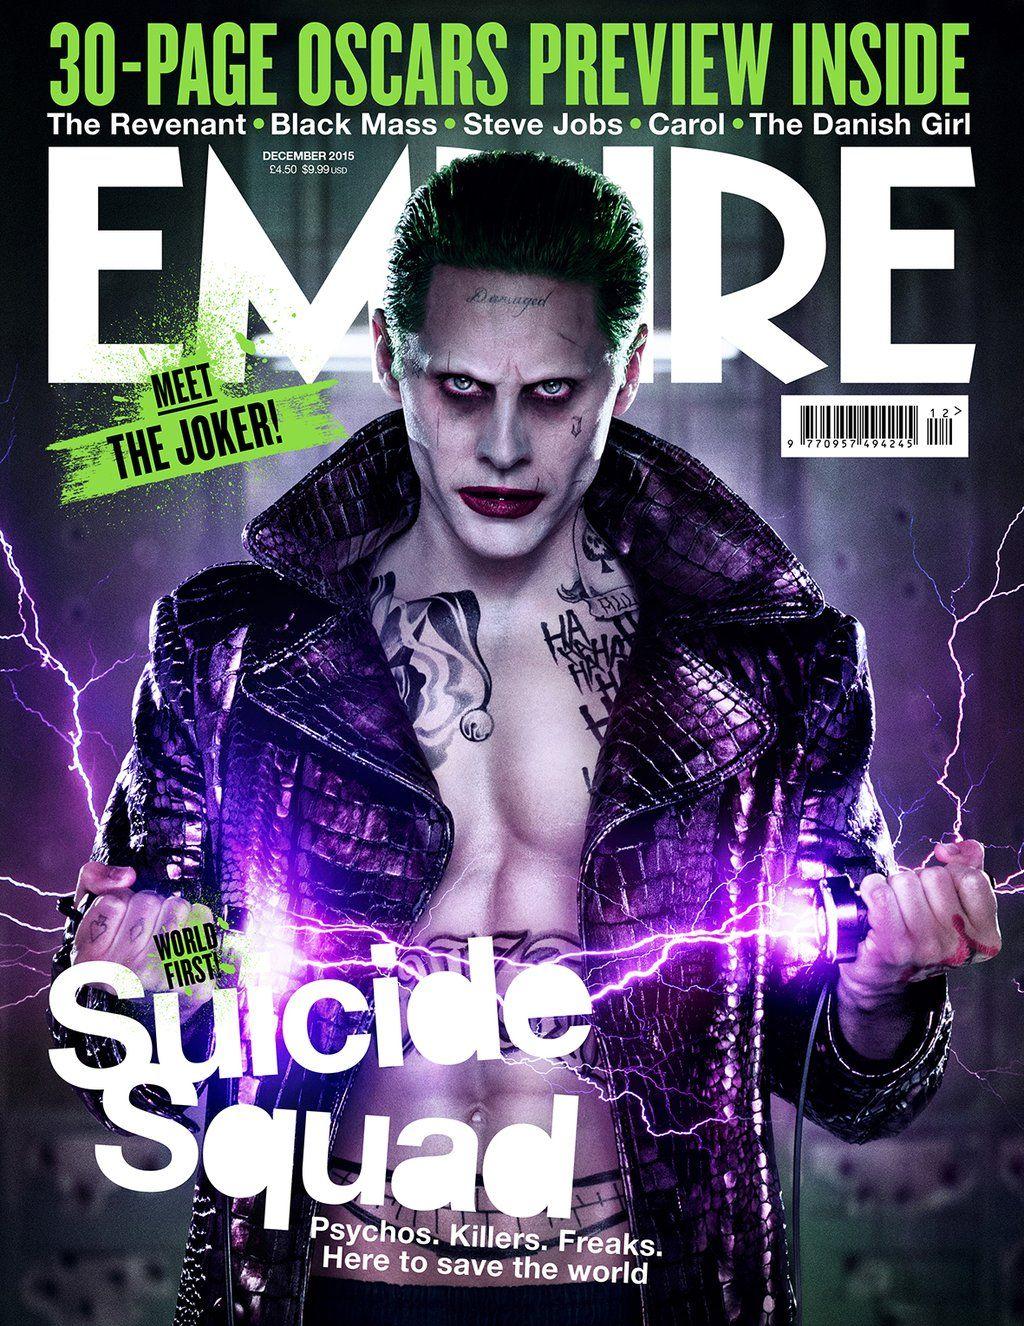 Suicide Squad: la copertina di Empire dedicata al Joker